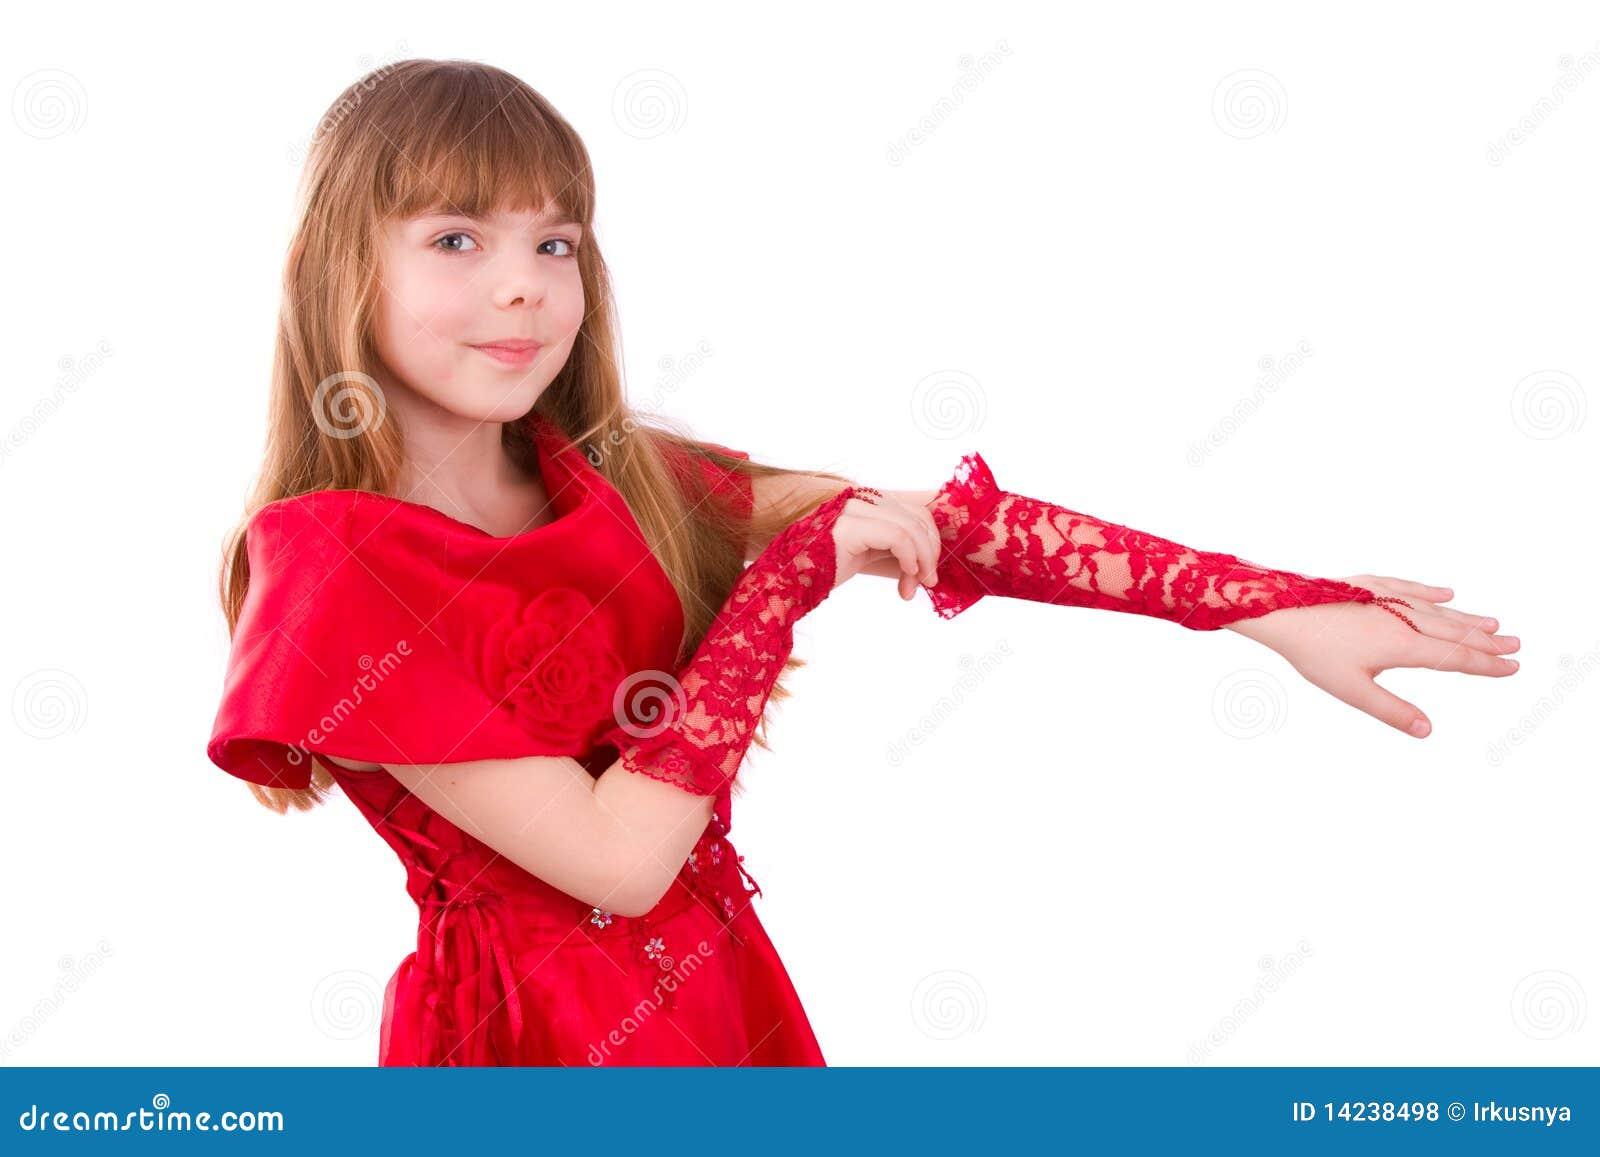 Сняла красное платье 17 фотография